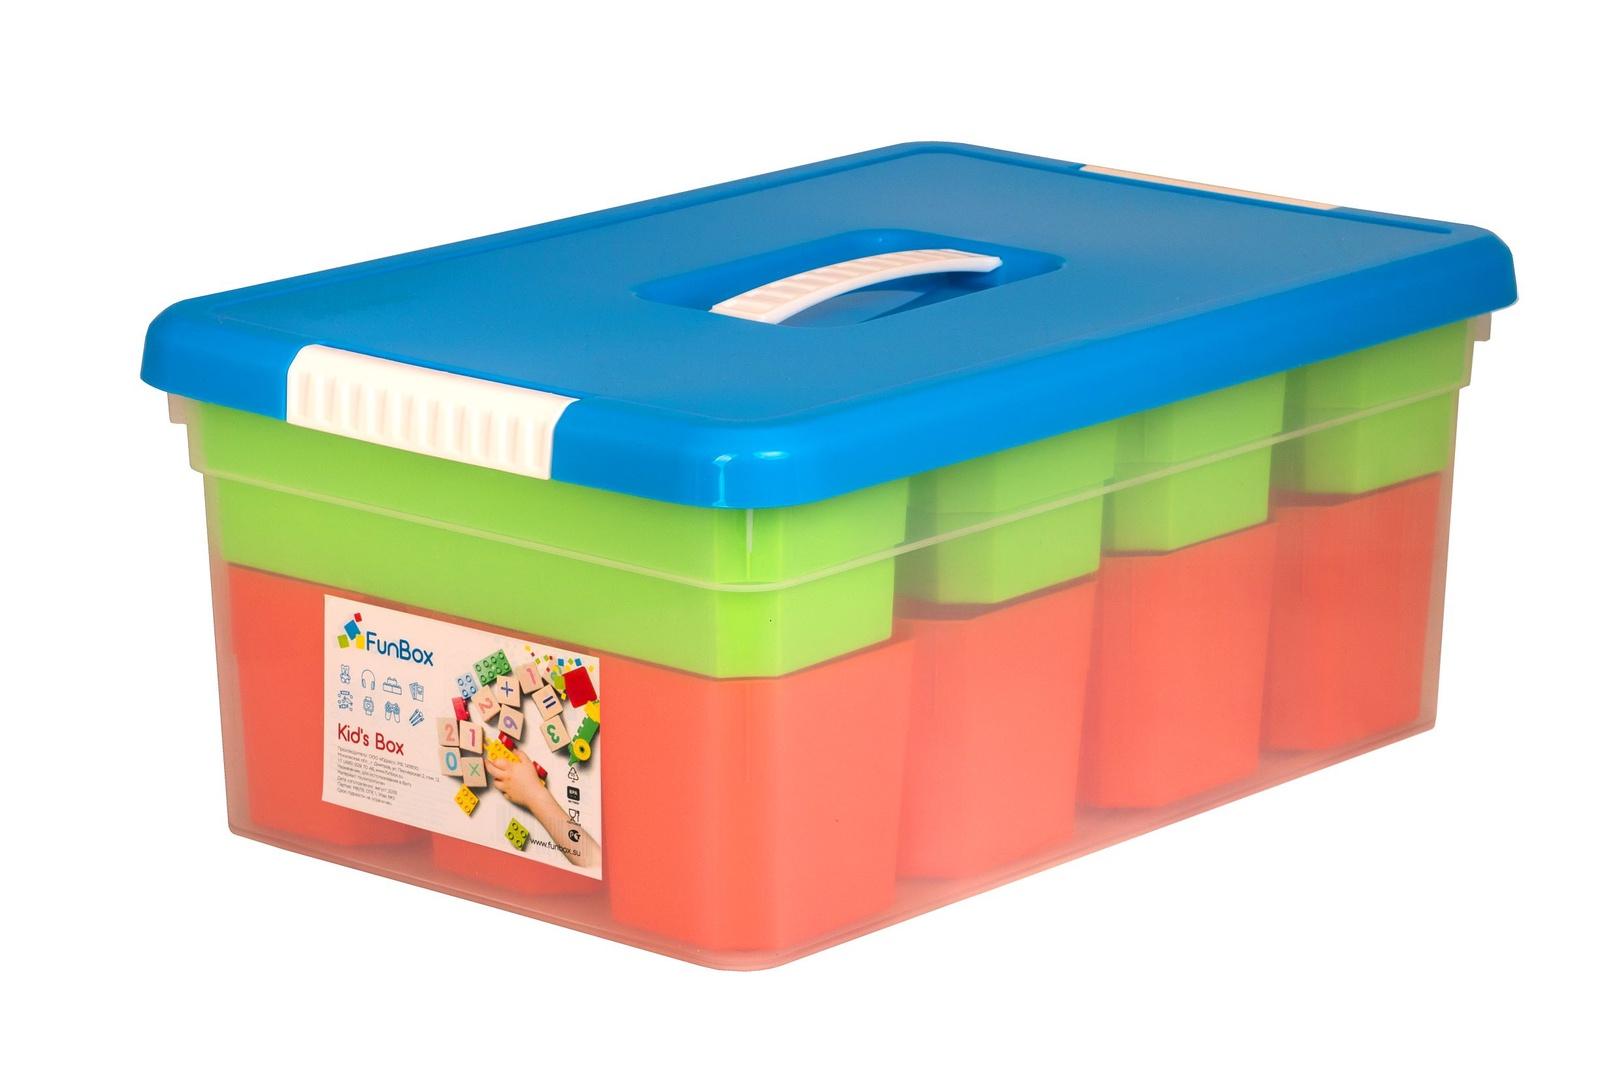 Ящик для игрушек FunBox Органайзер 10л, FB5051, Полипропилен ящики для игрушек альтернатива башпласт контейнер для игрушек феи